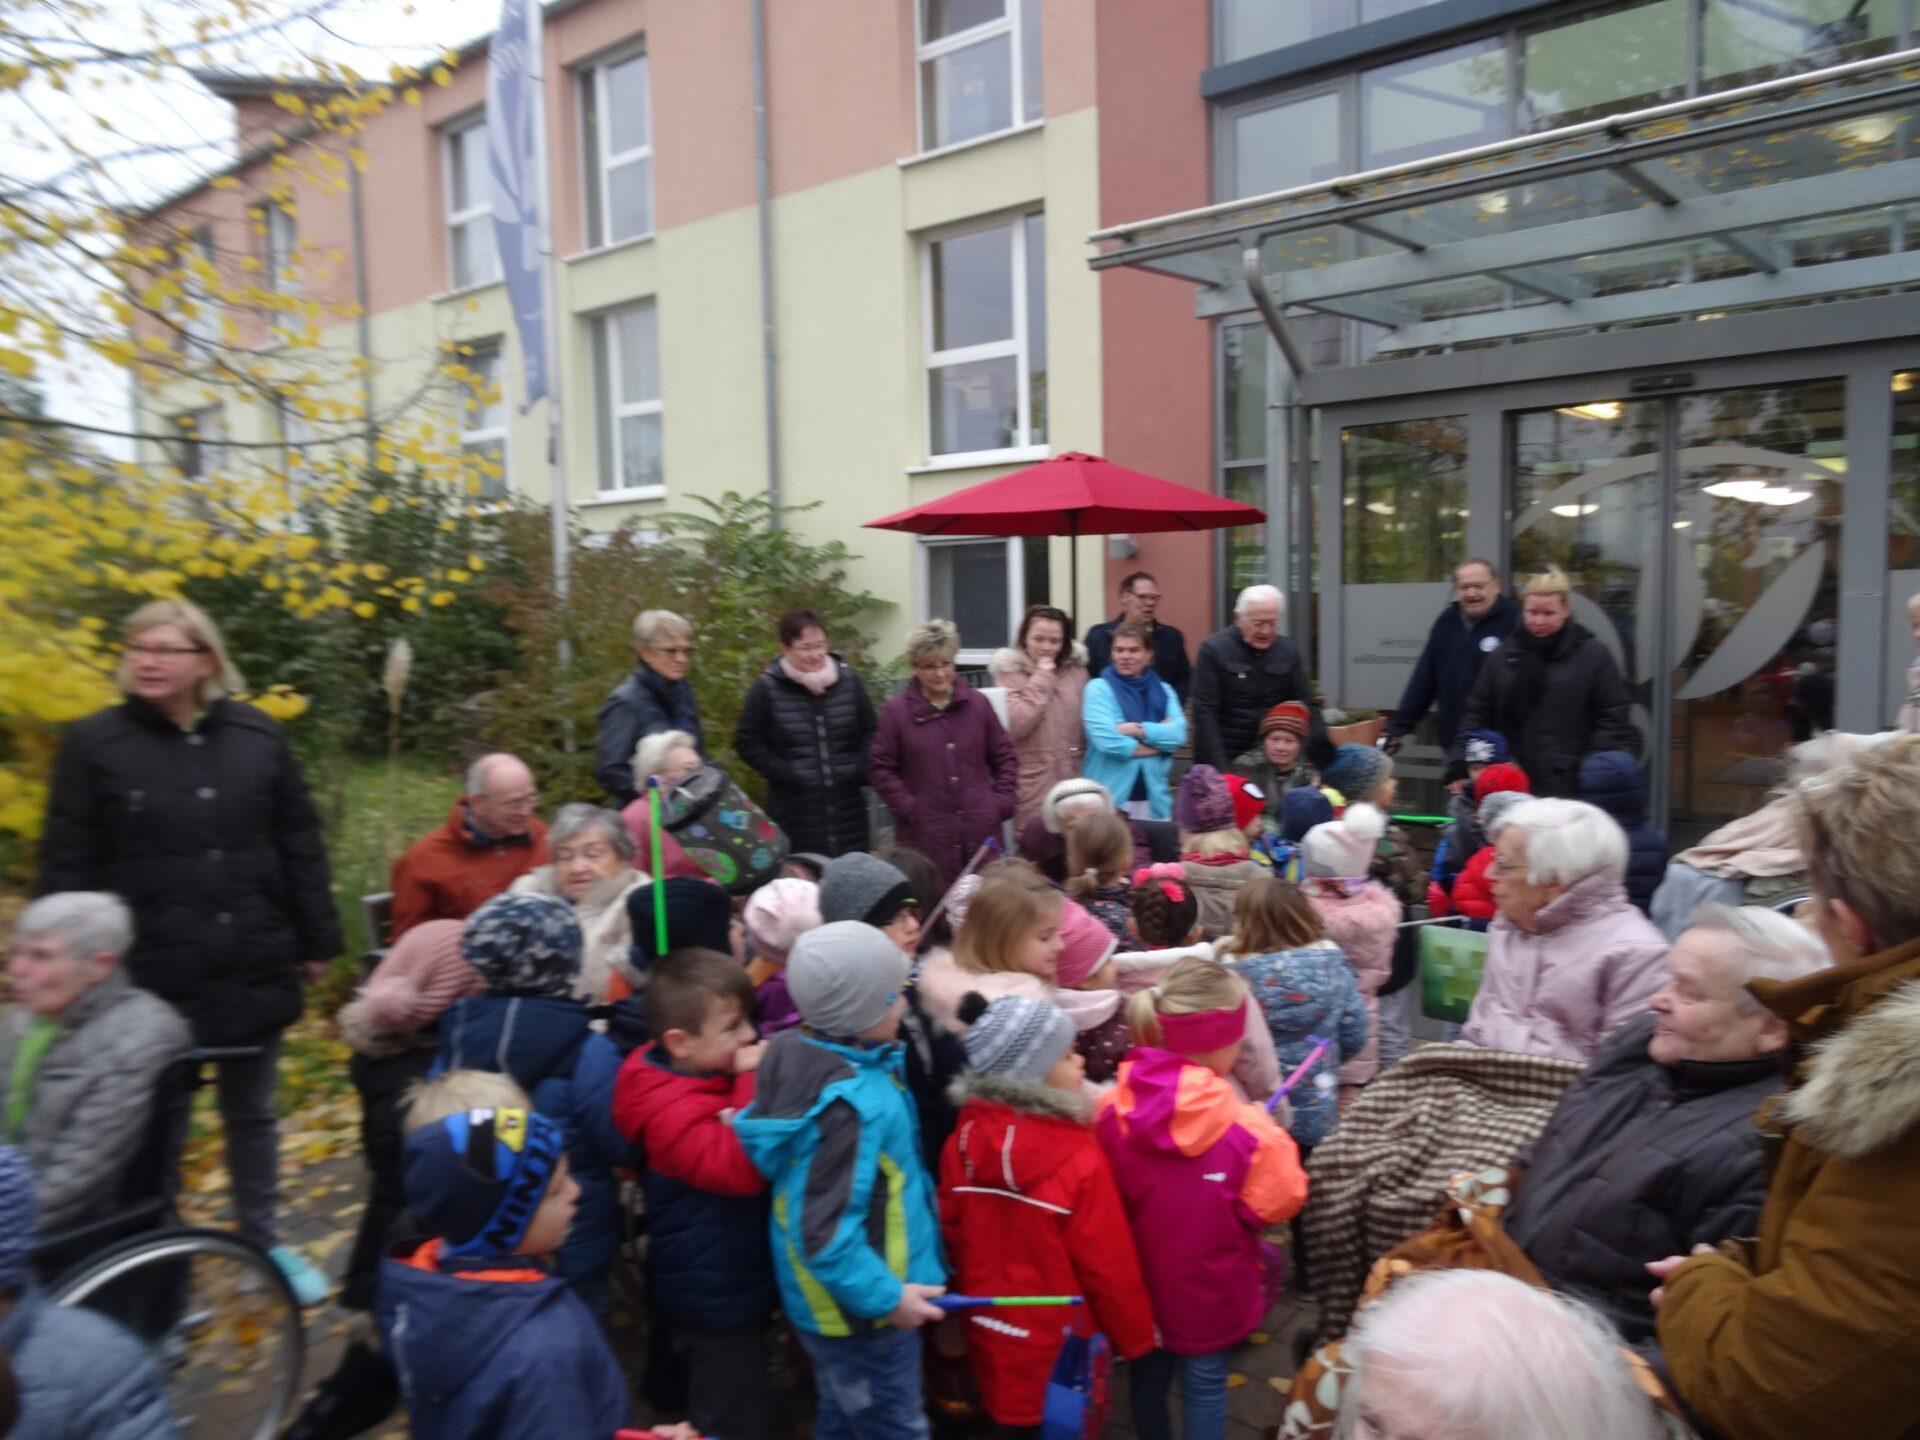 Matinssingen durch städtischen Kindergarten Oppau 11.11.2019